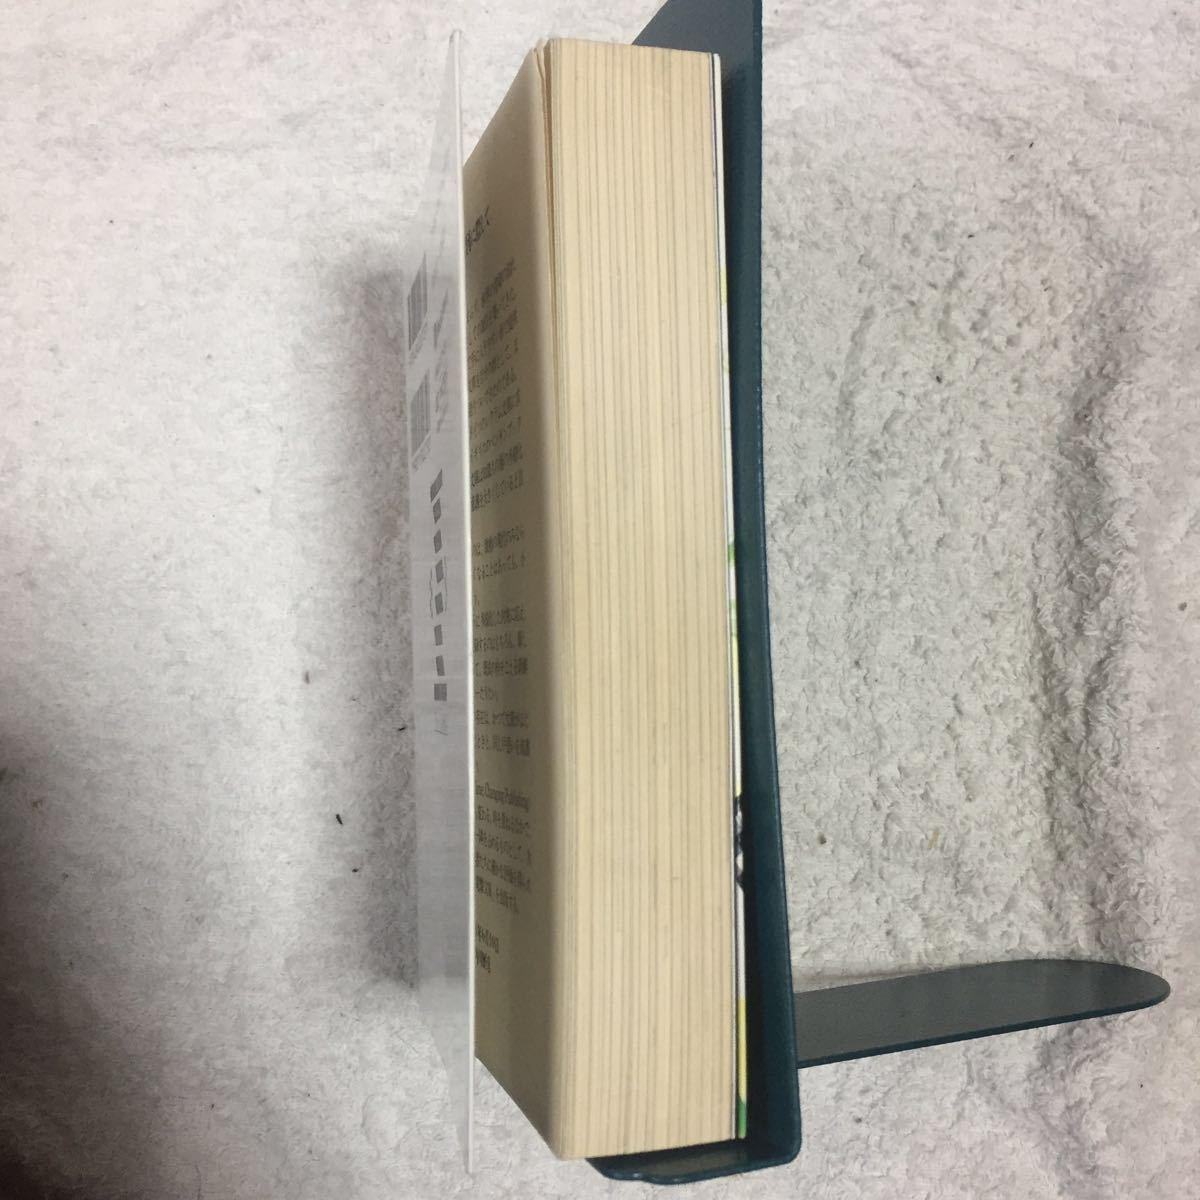 終わりのクロニクル (3下) (電撃文庫―AHEADシリーズ (0963)) 川上 稔 さとやす 9784840227315_画像4